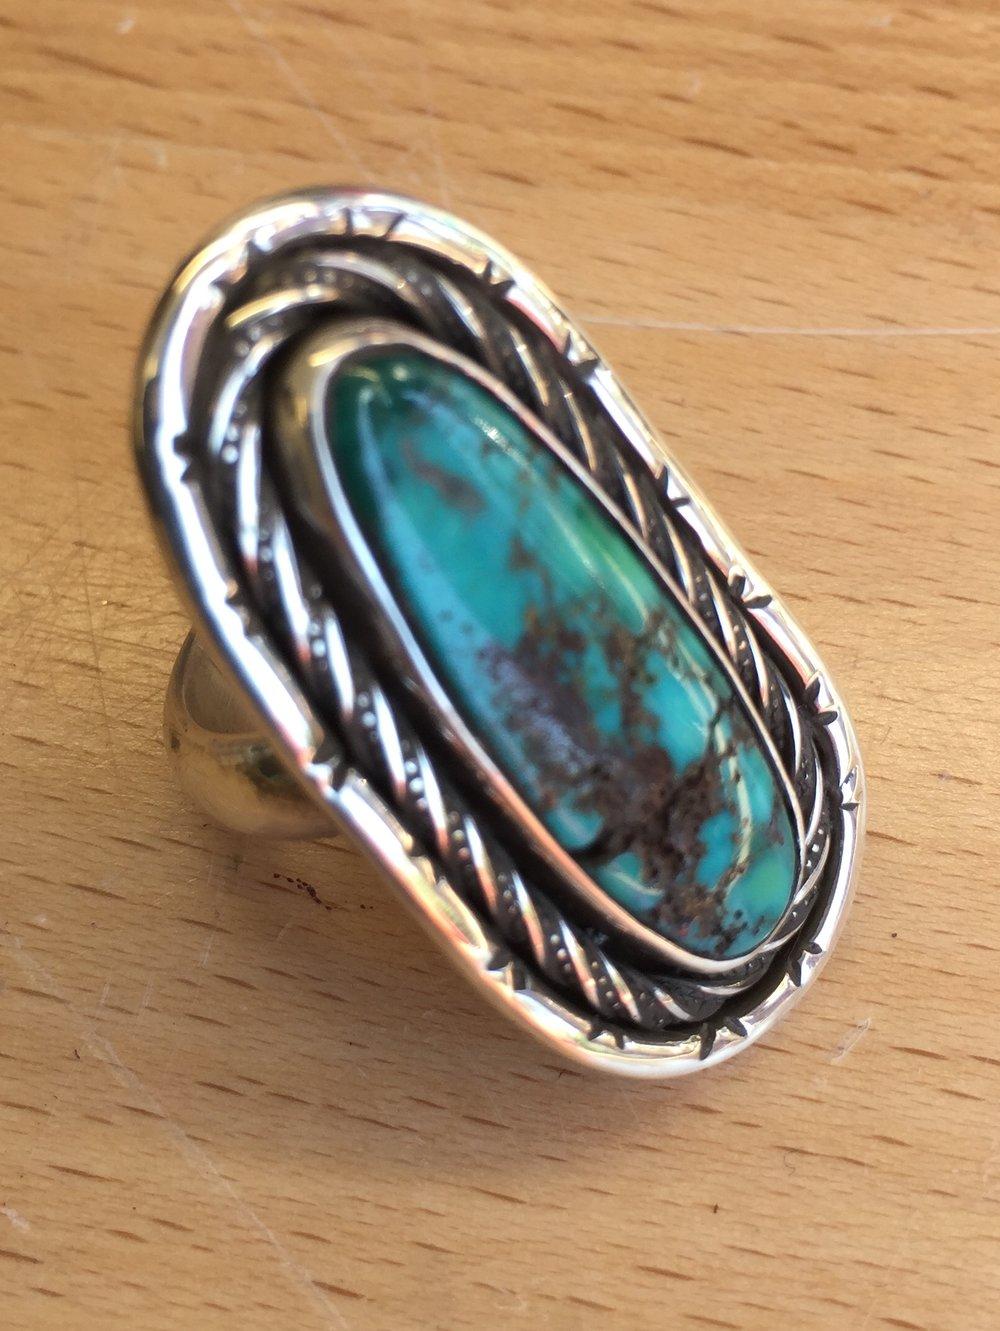 Turq Ring Cropped.jpg